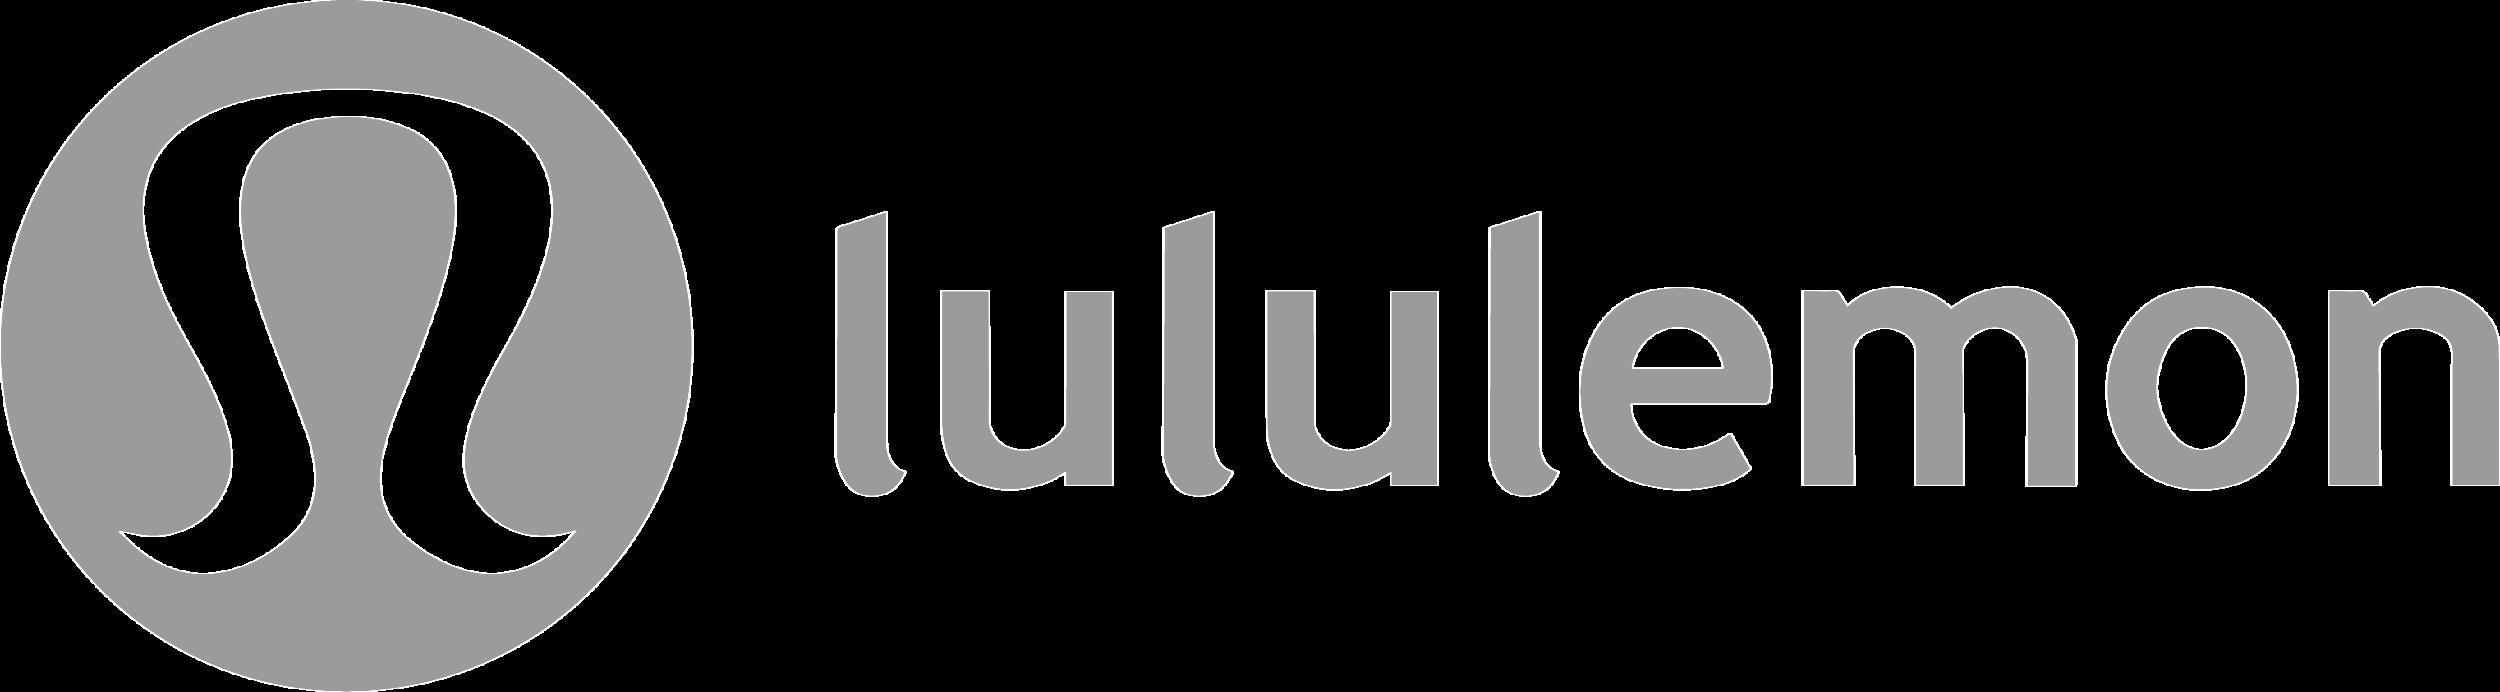 Lululemon_logo_greyscale.png